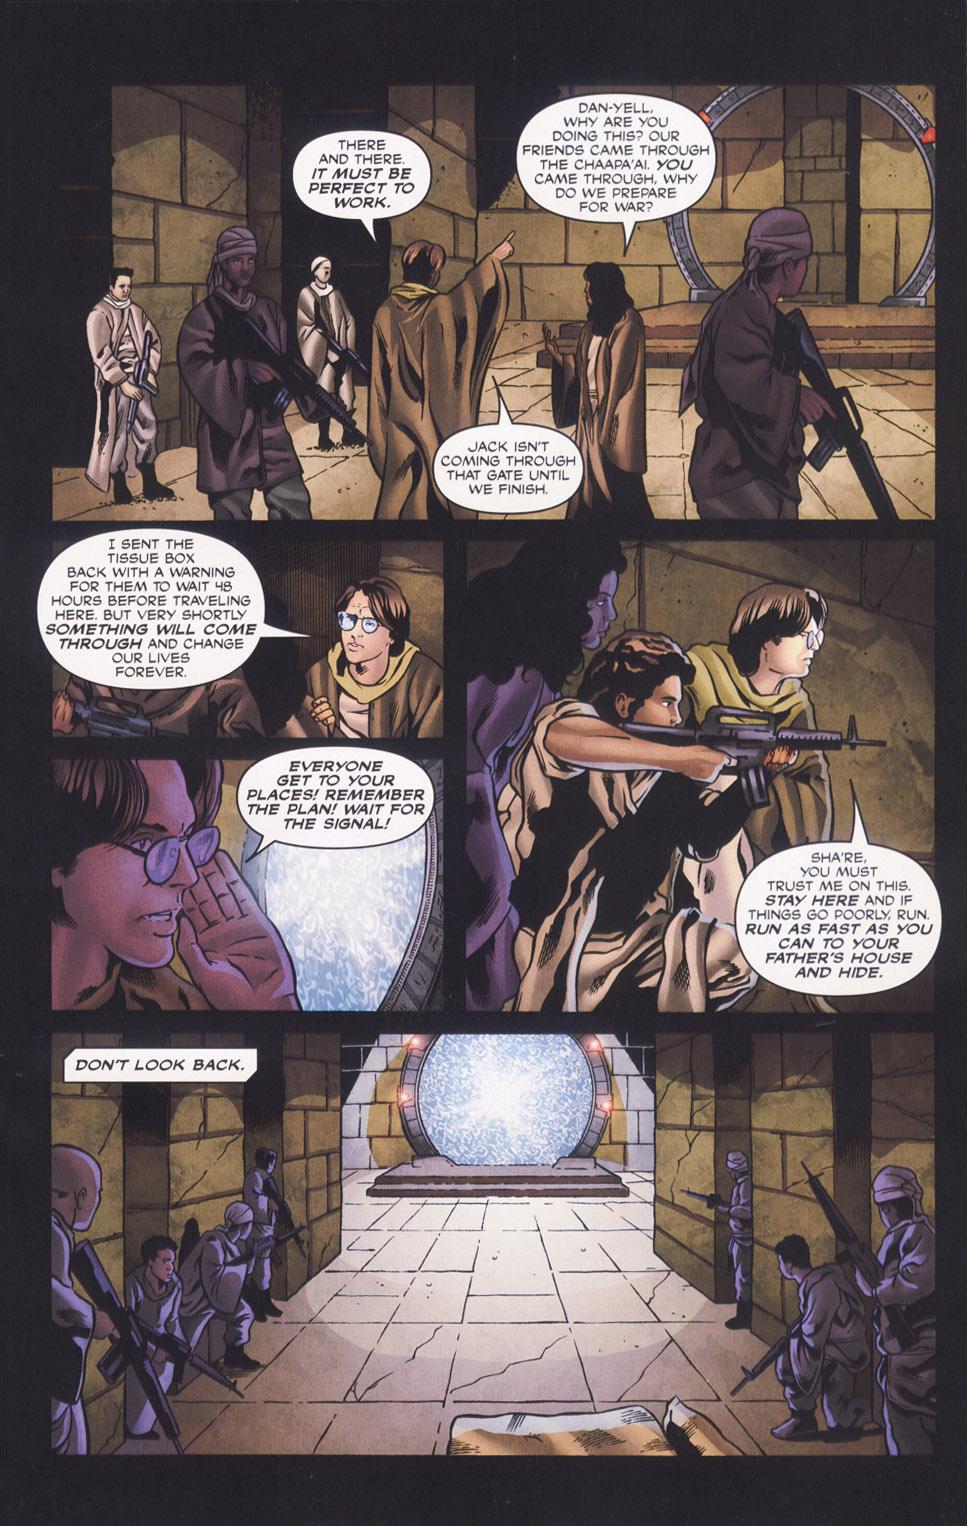 Read online Stargate SG-1: Daniel's Song comic -  Issue # Full - 9